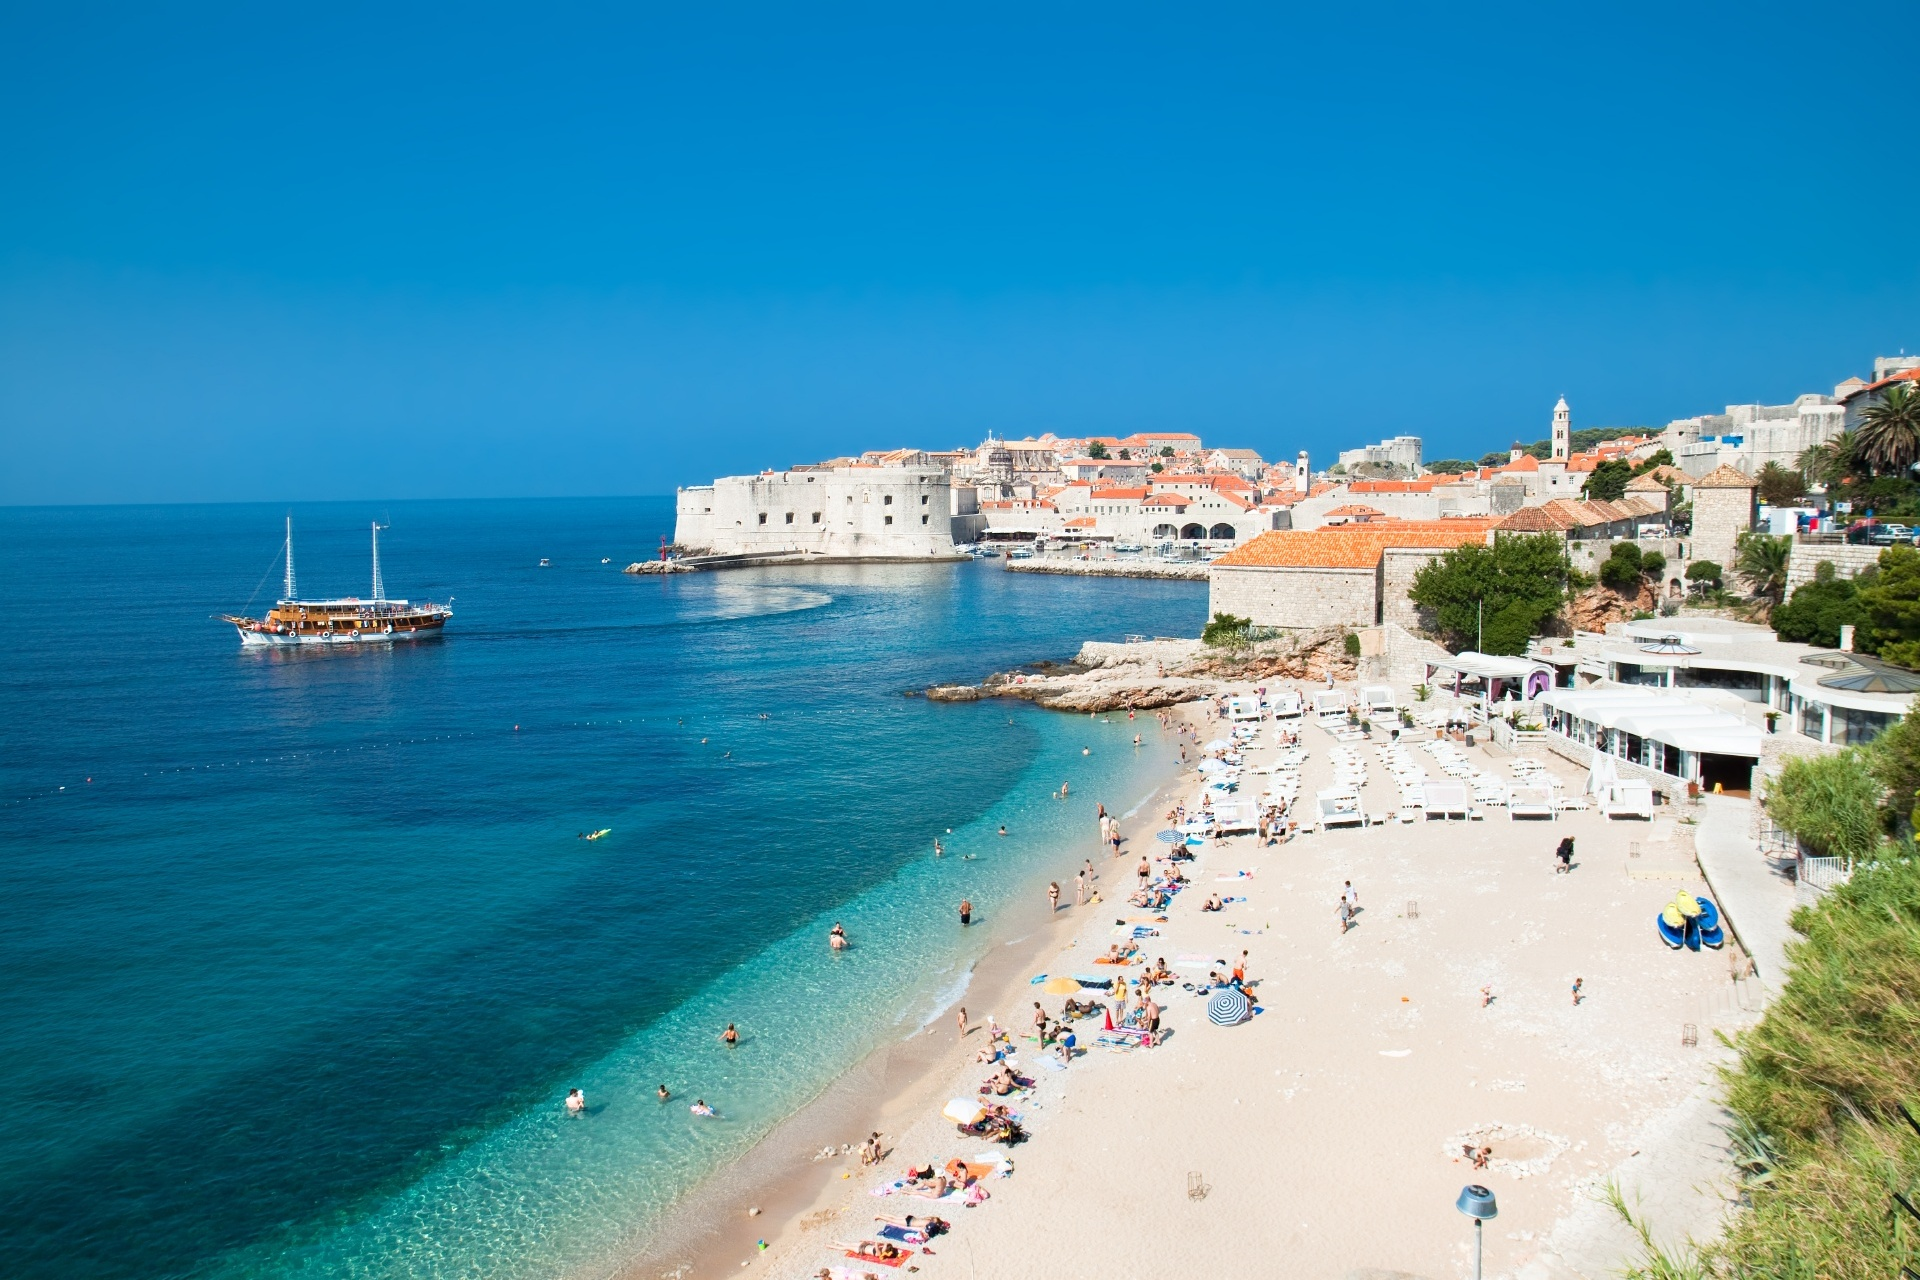 ドゥブロヴニクのビーチ クロアチアの風景